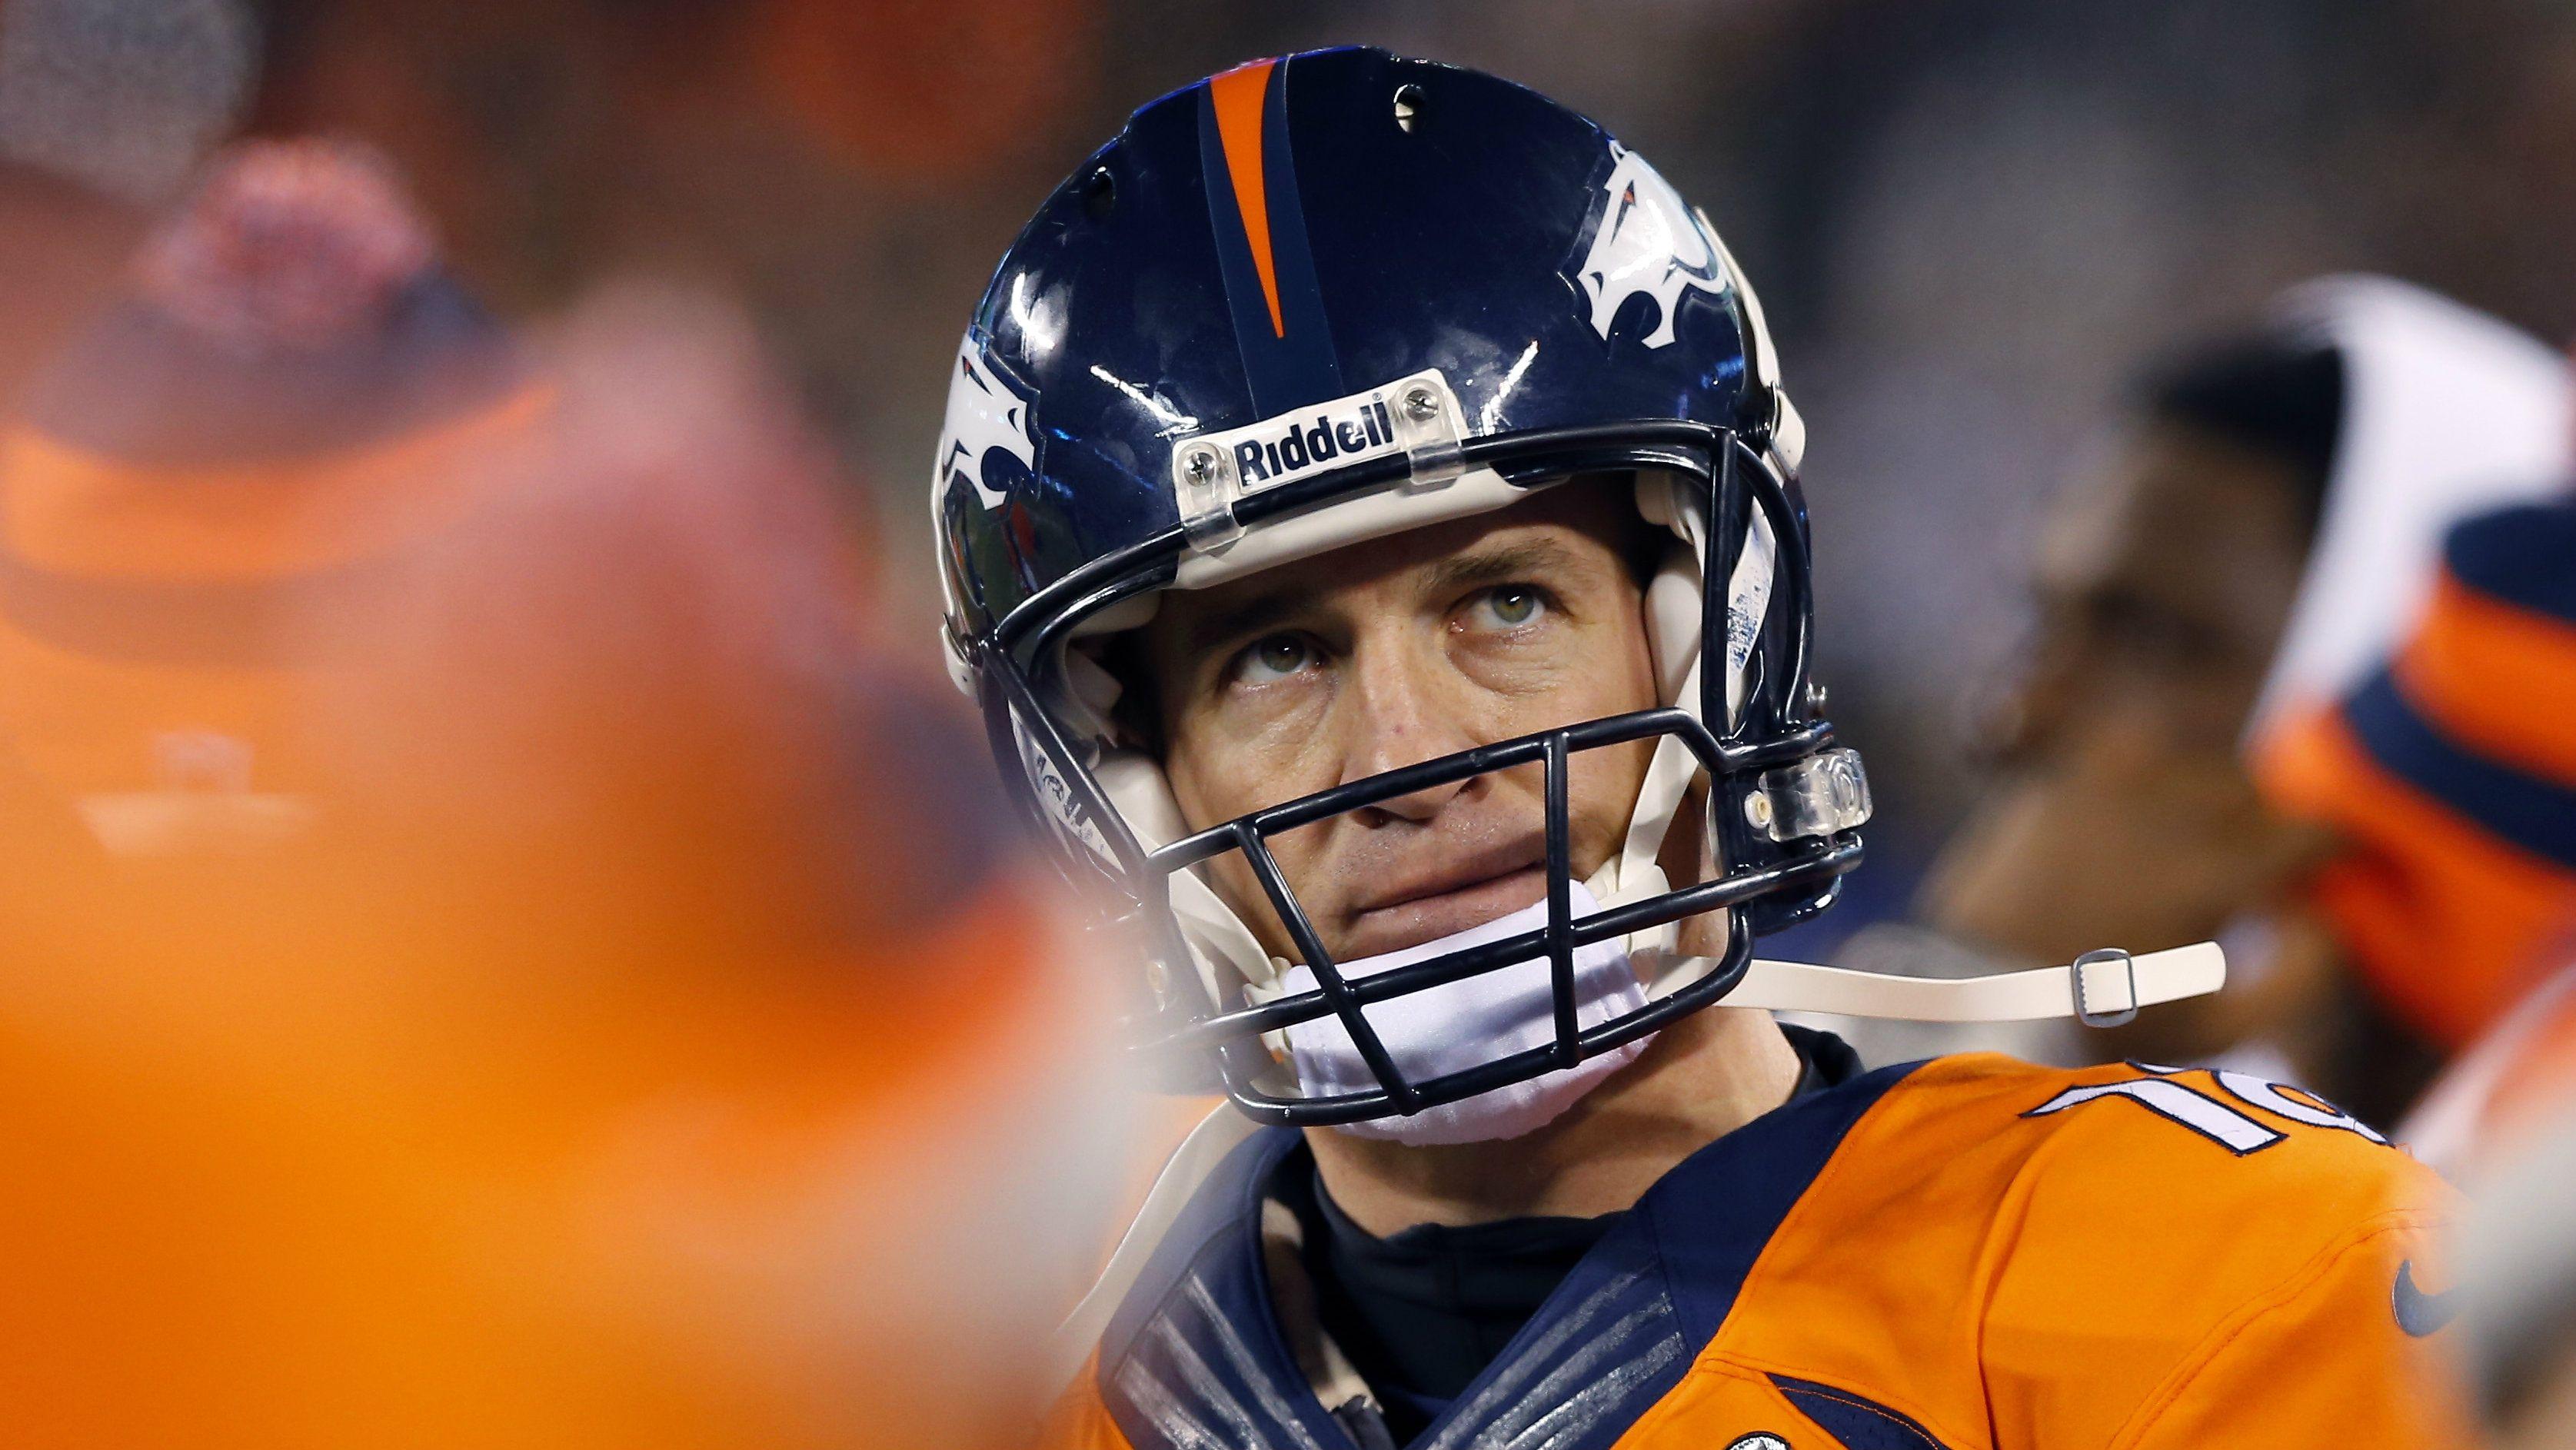 Peyton Manning NFL startup investor